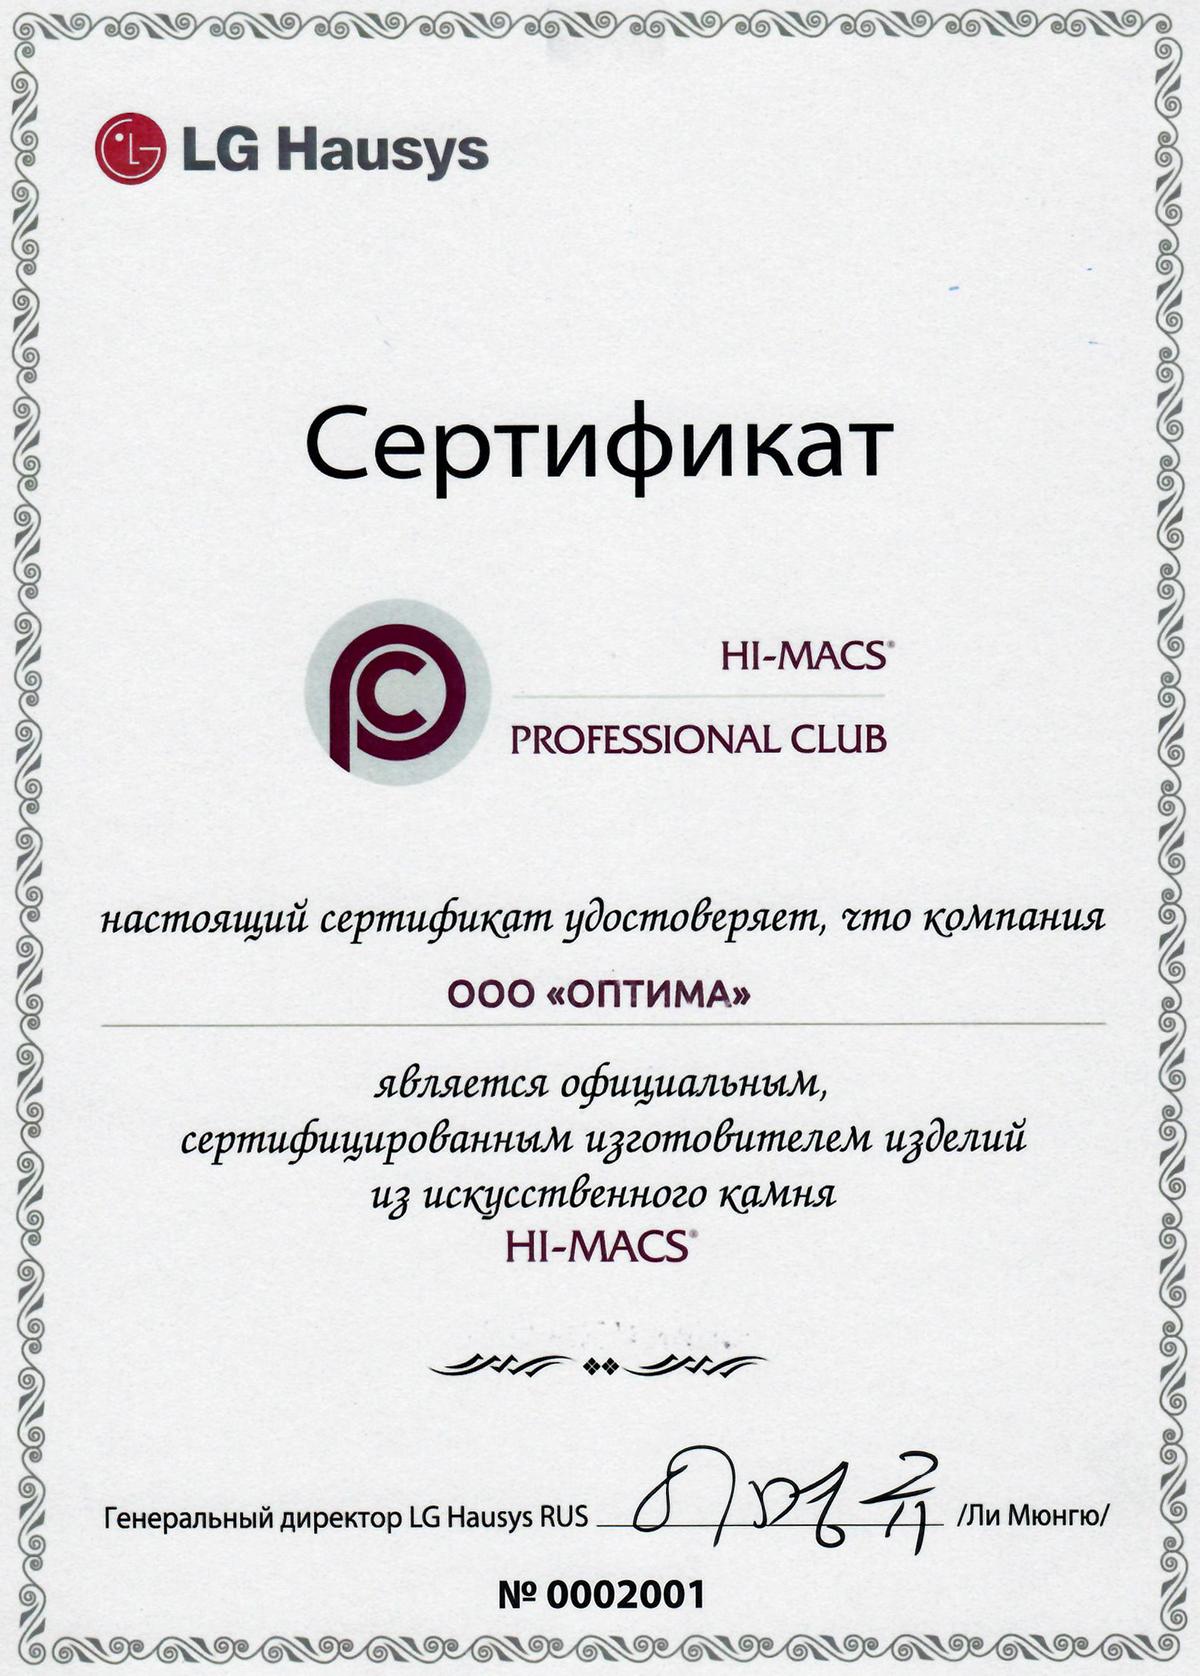 """Сертификат от Himacs ООО""""Оптима"""""""